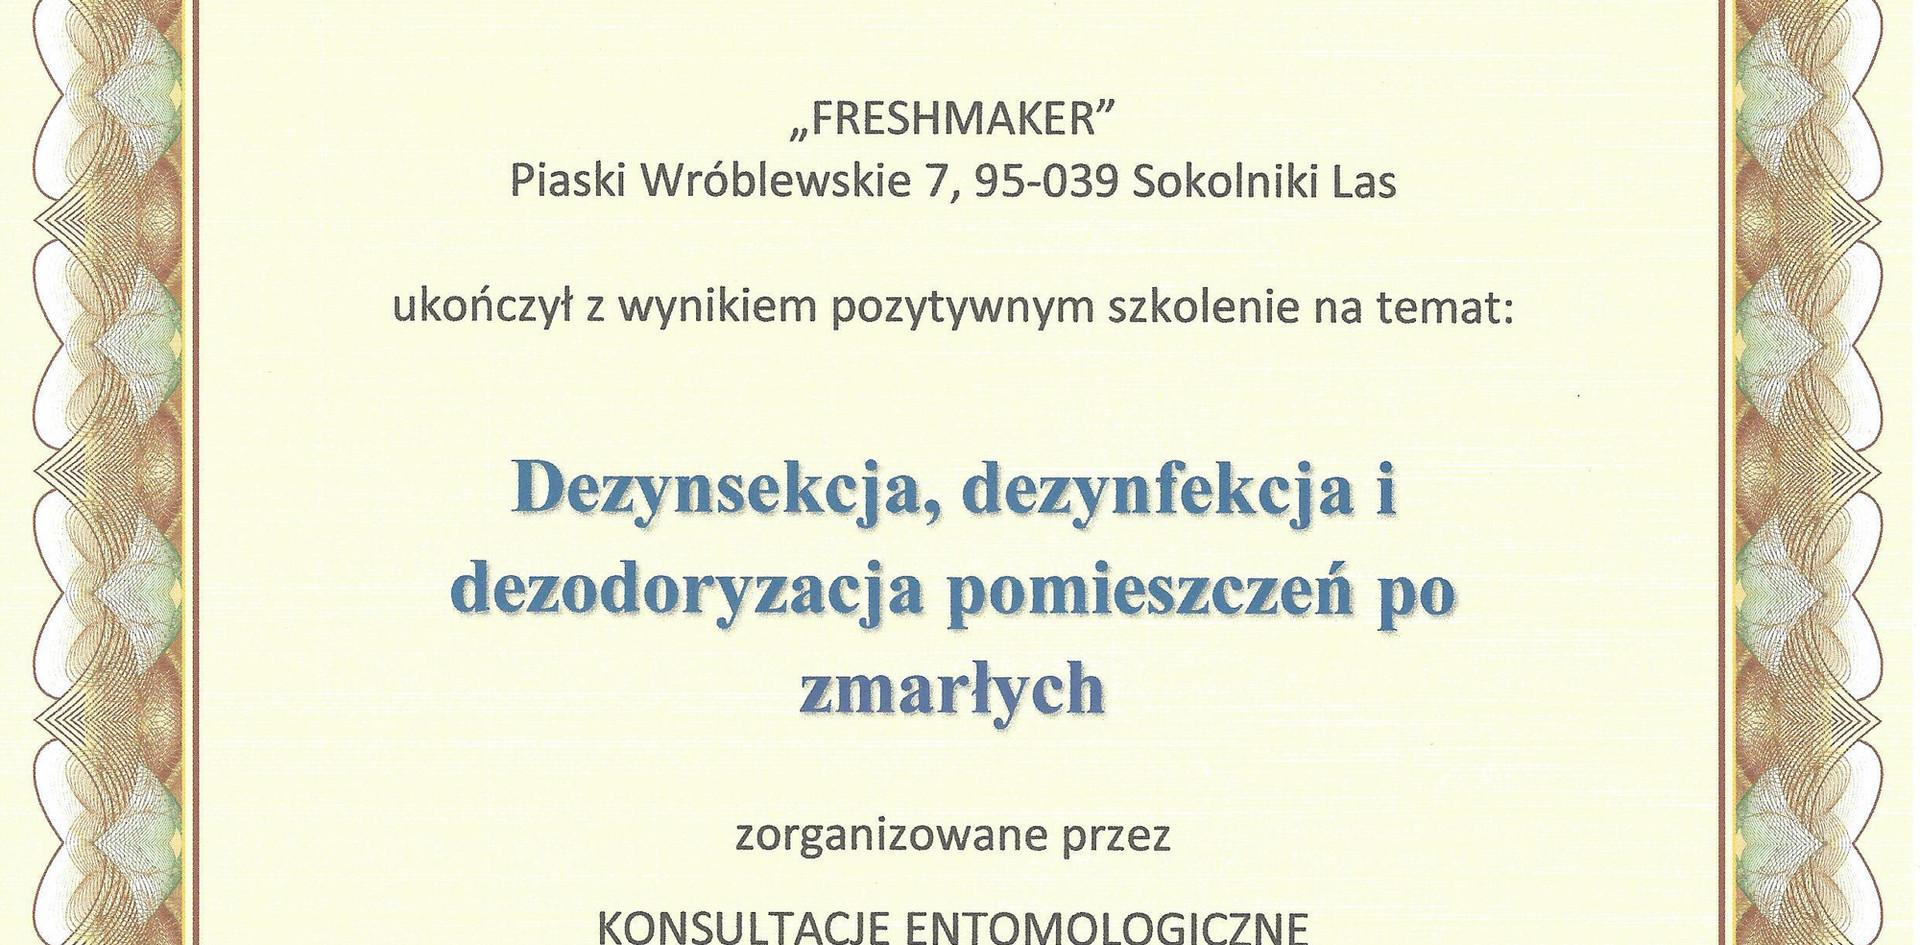 certyfikat_czyszczenia_po_zmarłych.jpg